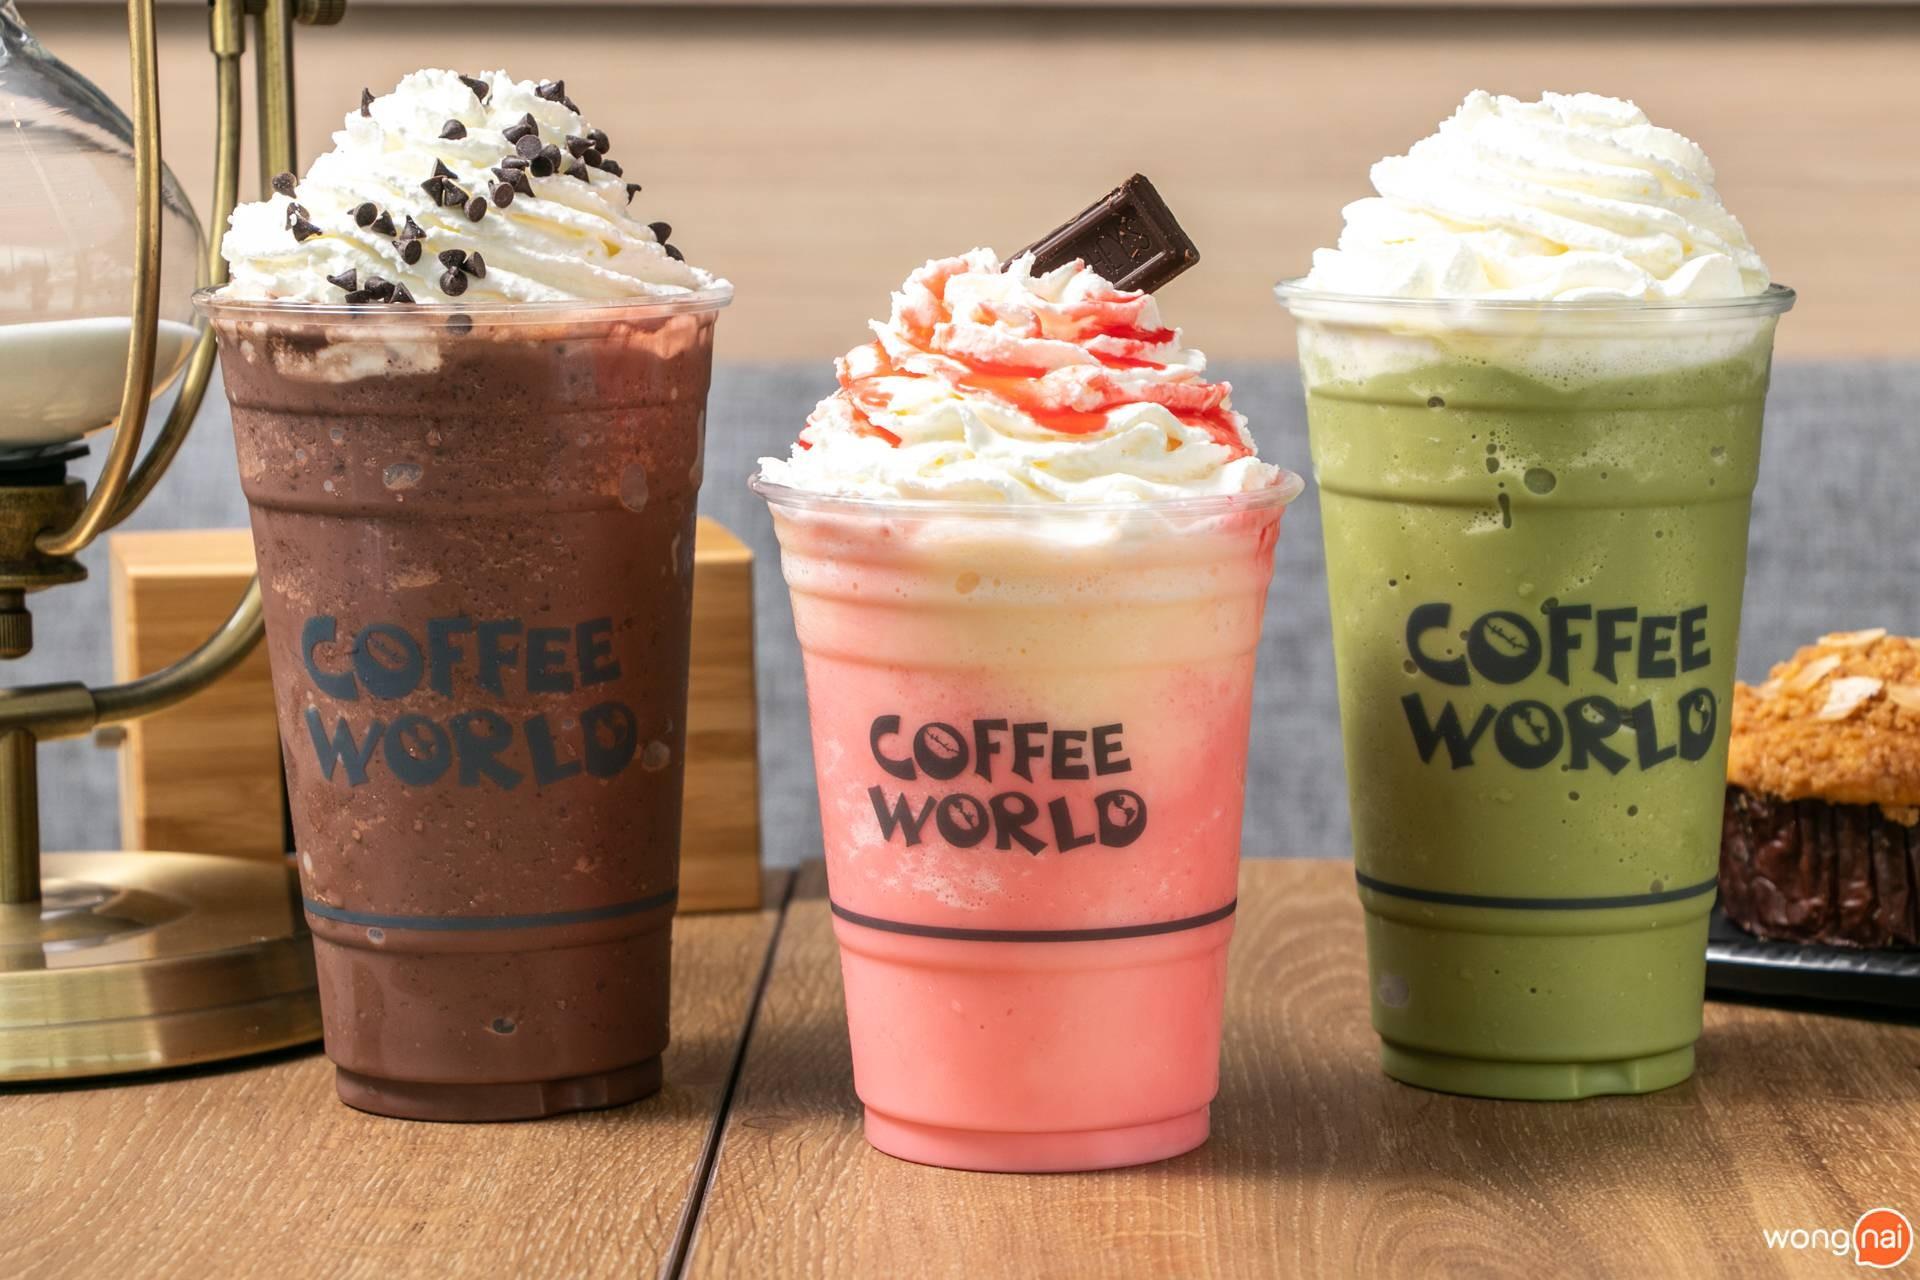 เมนูเครื่องดื่ม ร้าน Coffee World สาขา ลำลูกกา